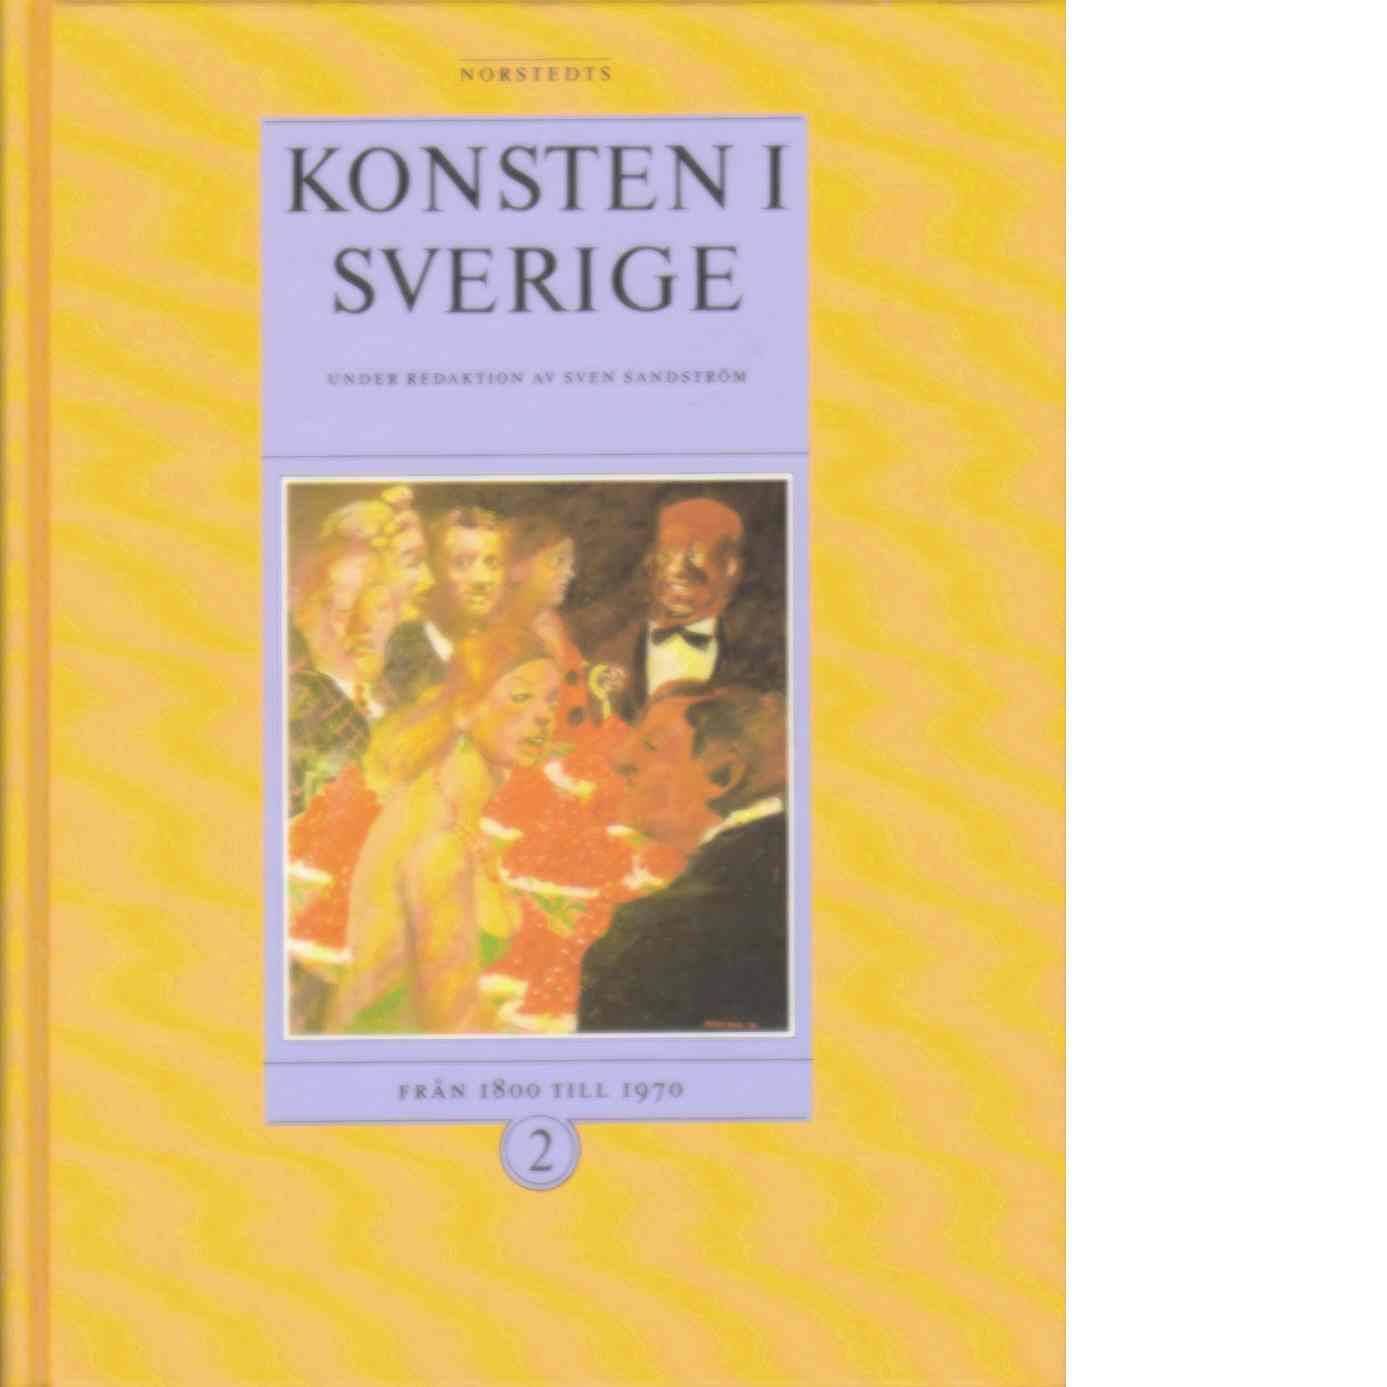 Konsten i Sverige. D. 2   Från 1800 till 1970 - Sandström, Sven